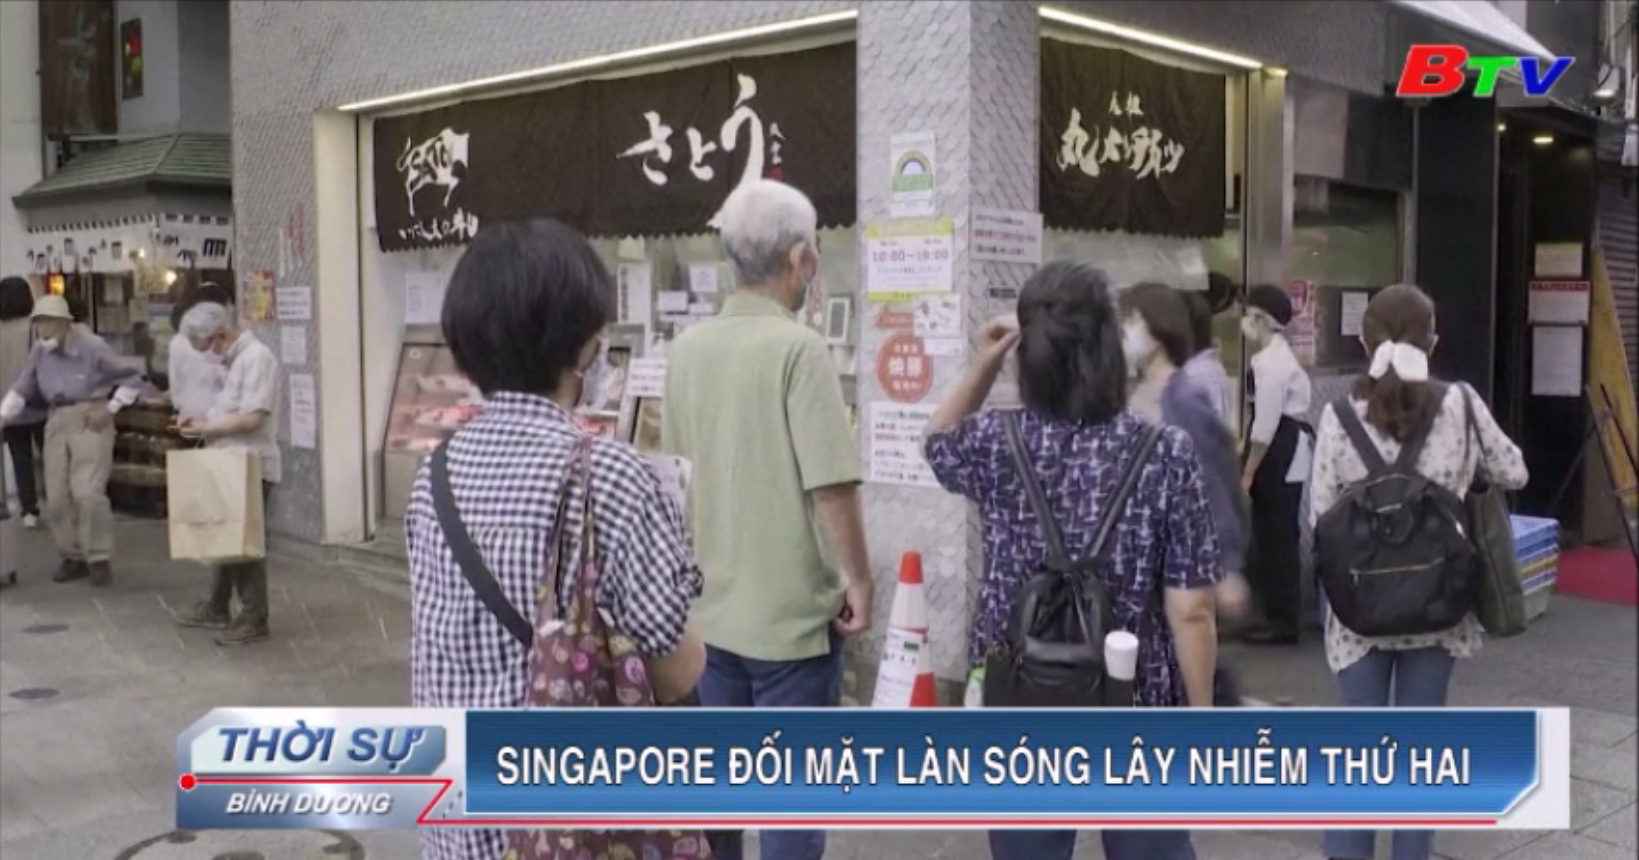 Singapore đối mặt làn sóng lây nhiễm thứ 2